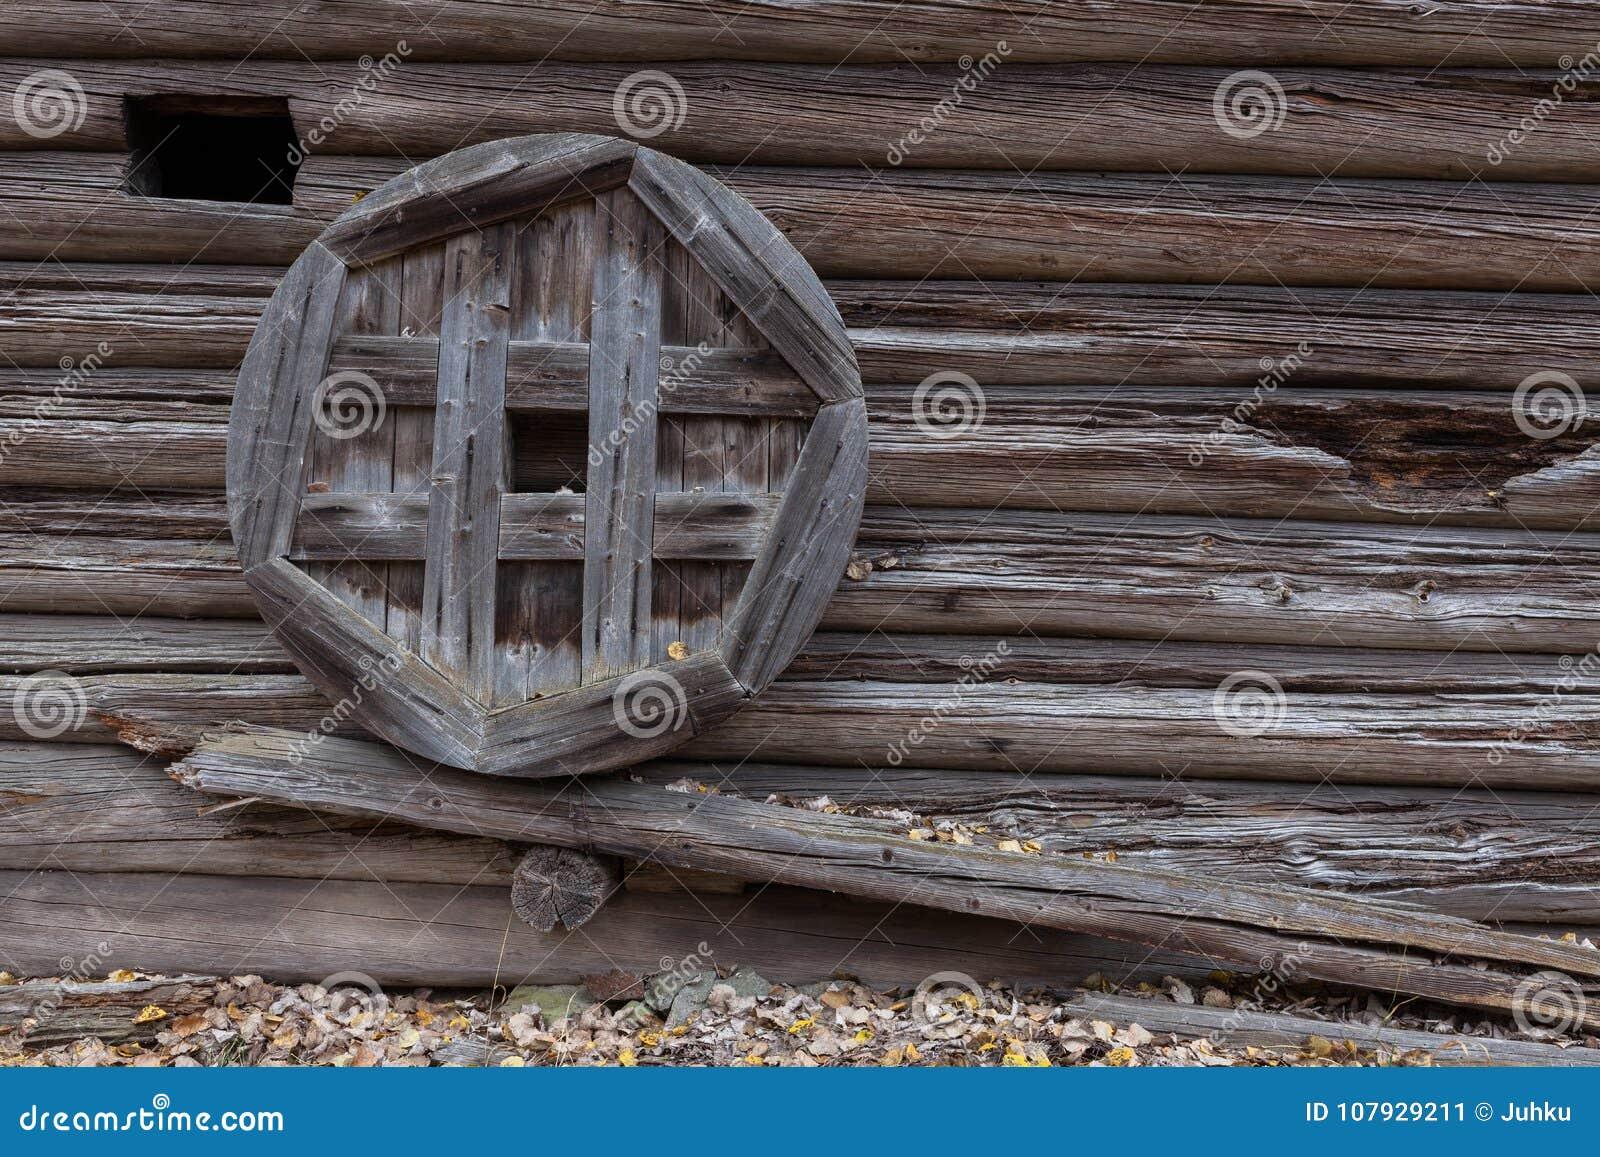 vieux mur en bois de grange image stock image du ext rieur rugueux 107929211. Black Bedroom Furniture Sets. Home Design Ideas